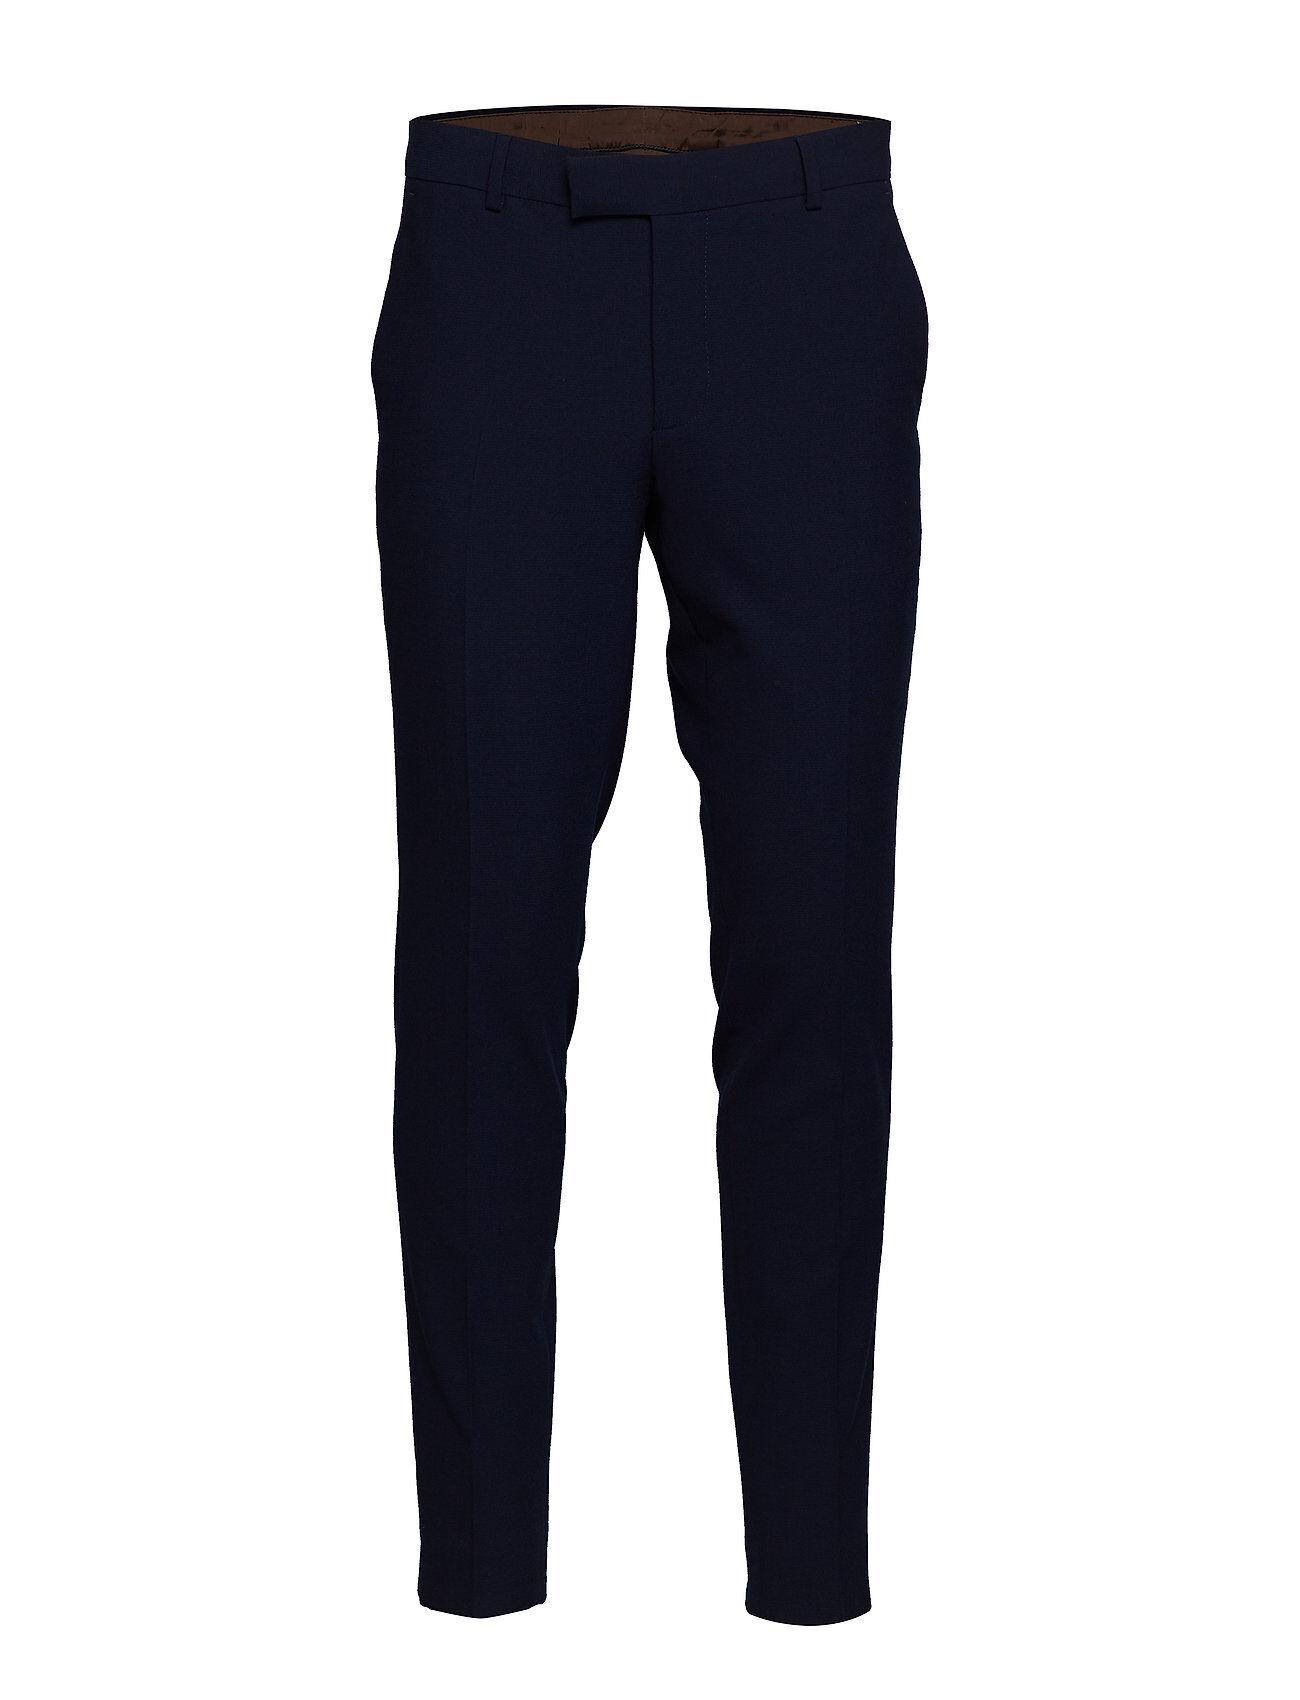 Esprit Collection Pants Suit